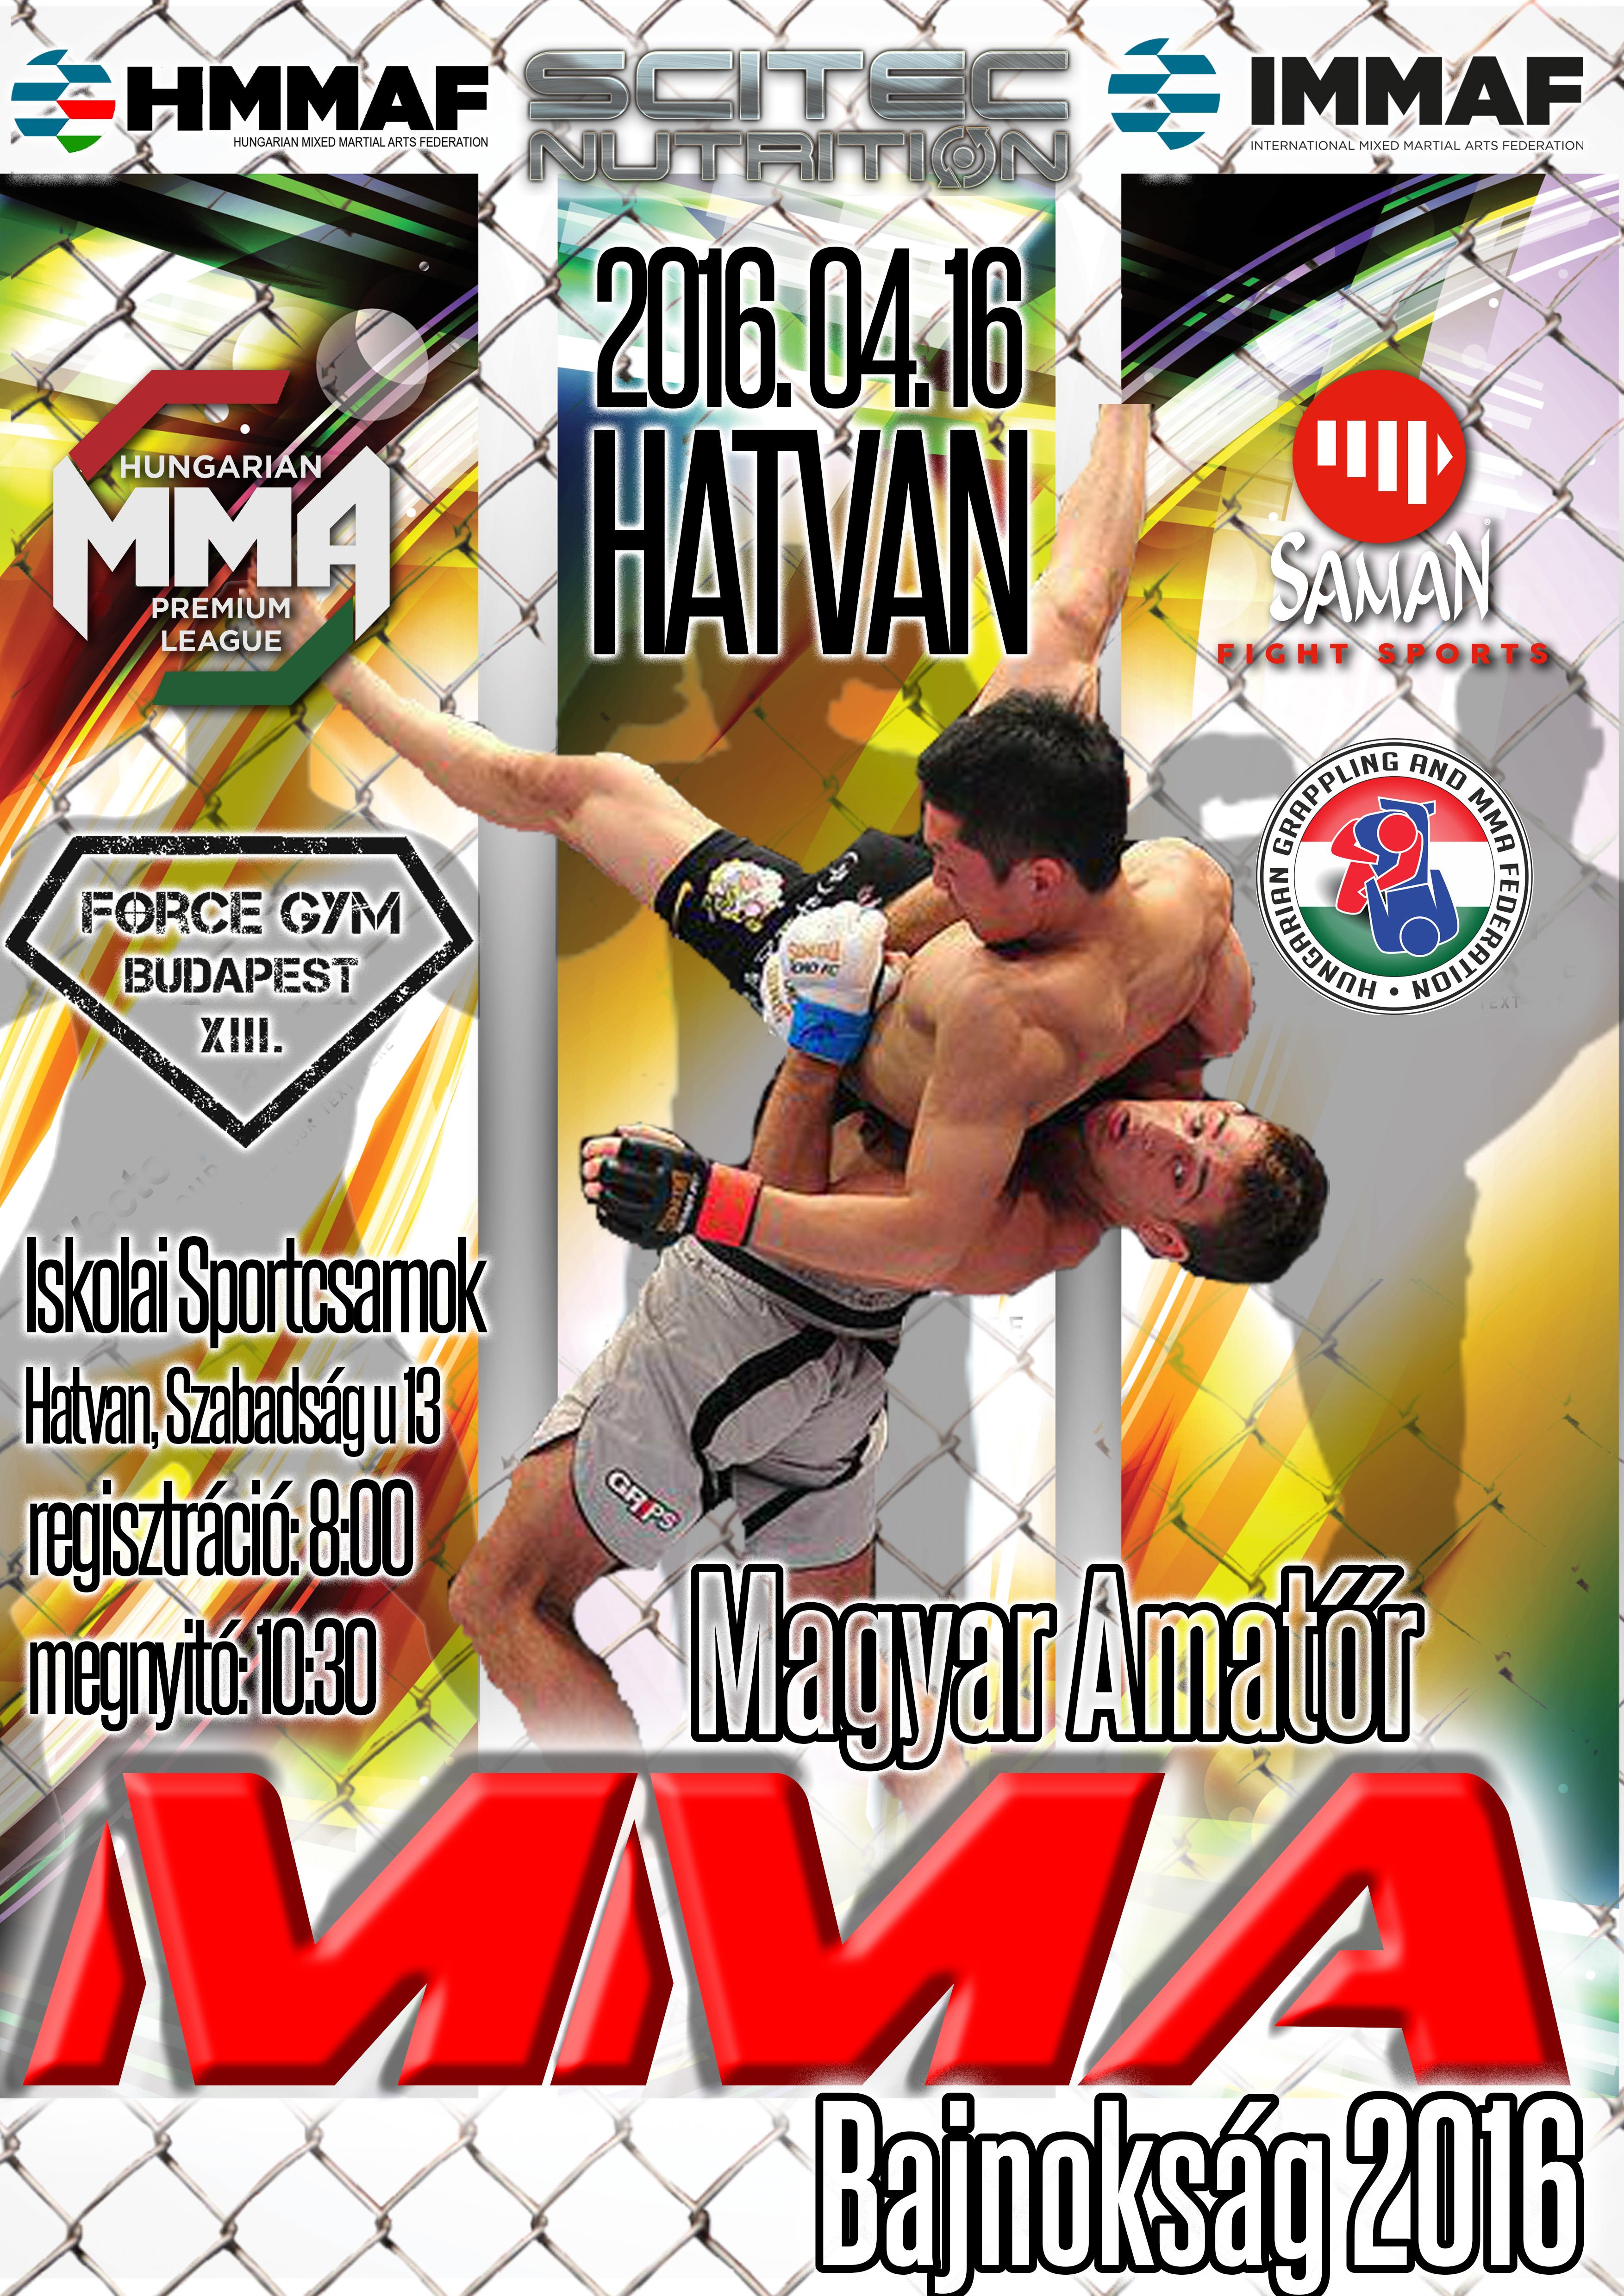 hmmaf amator poster (1)